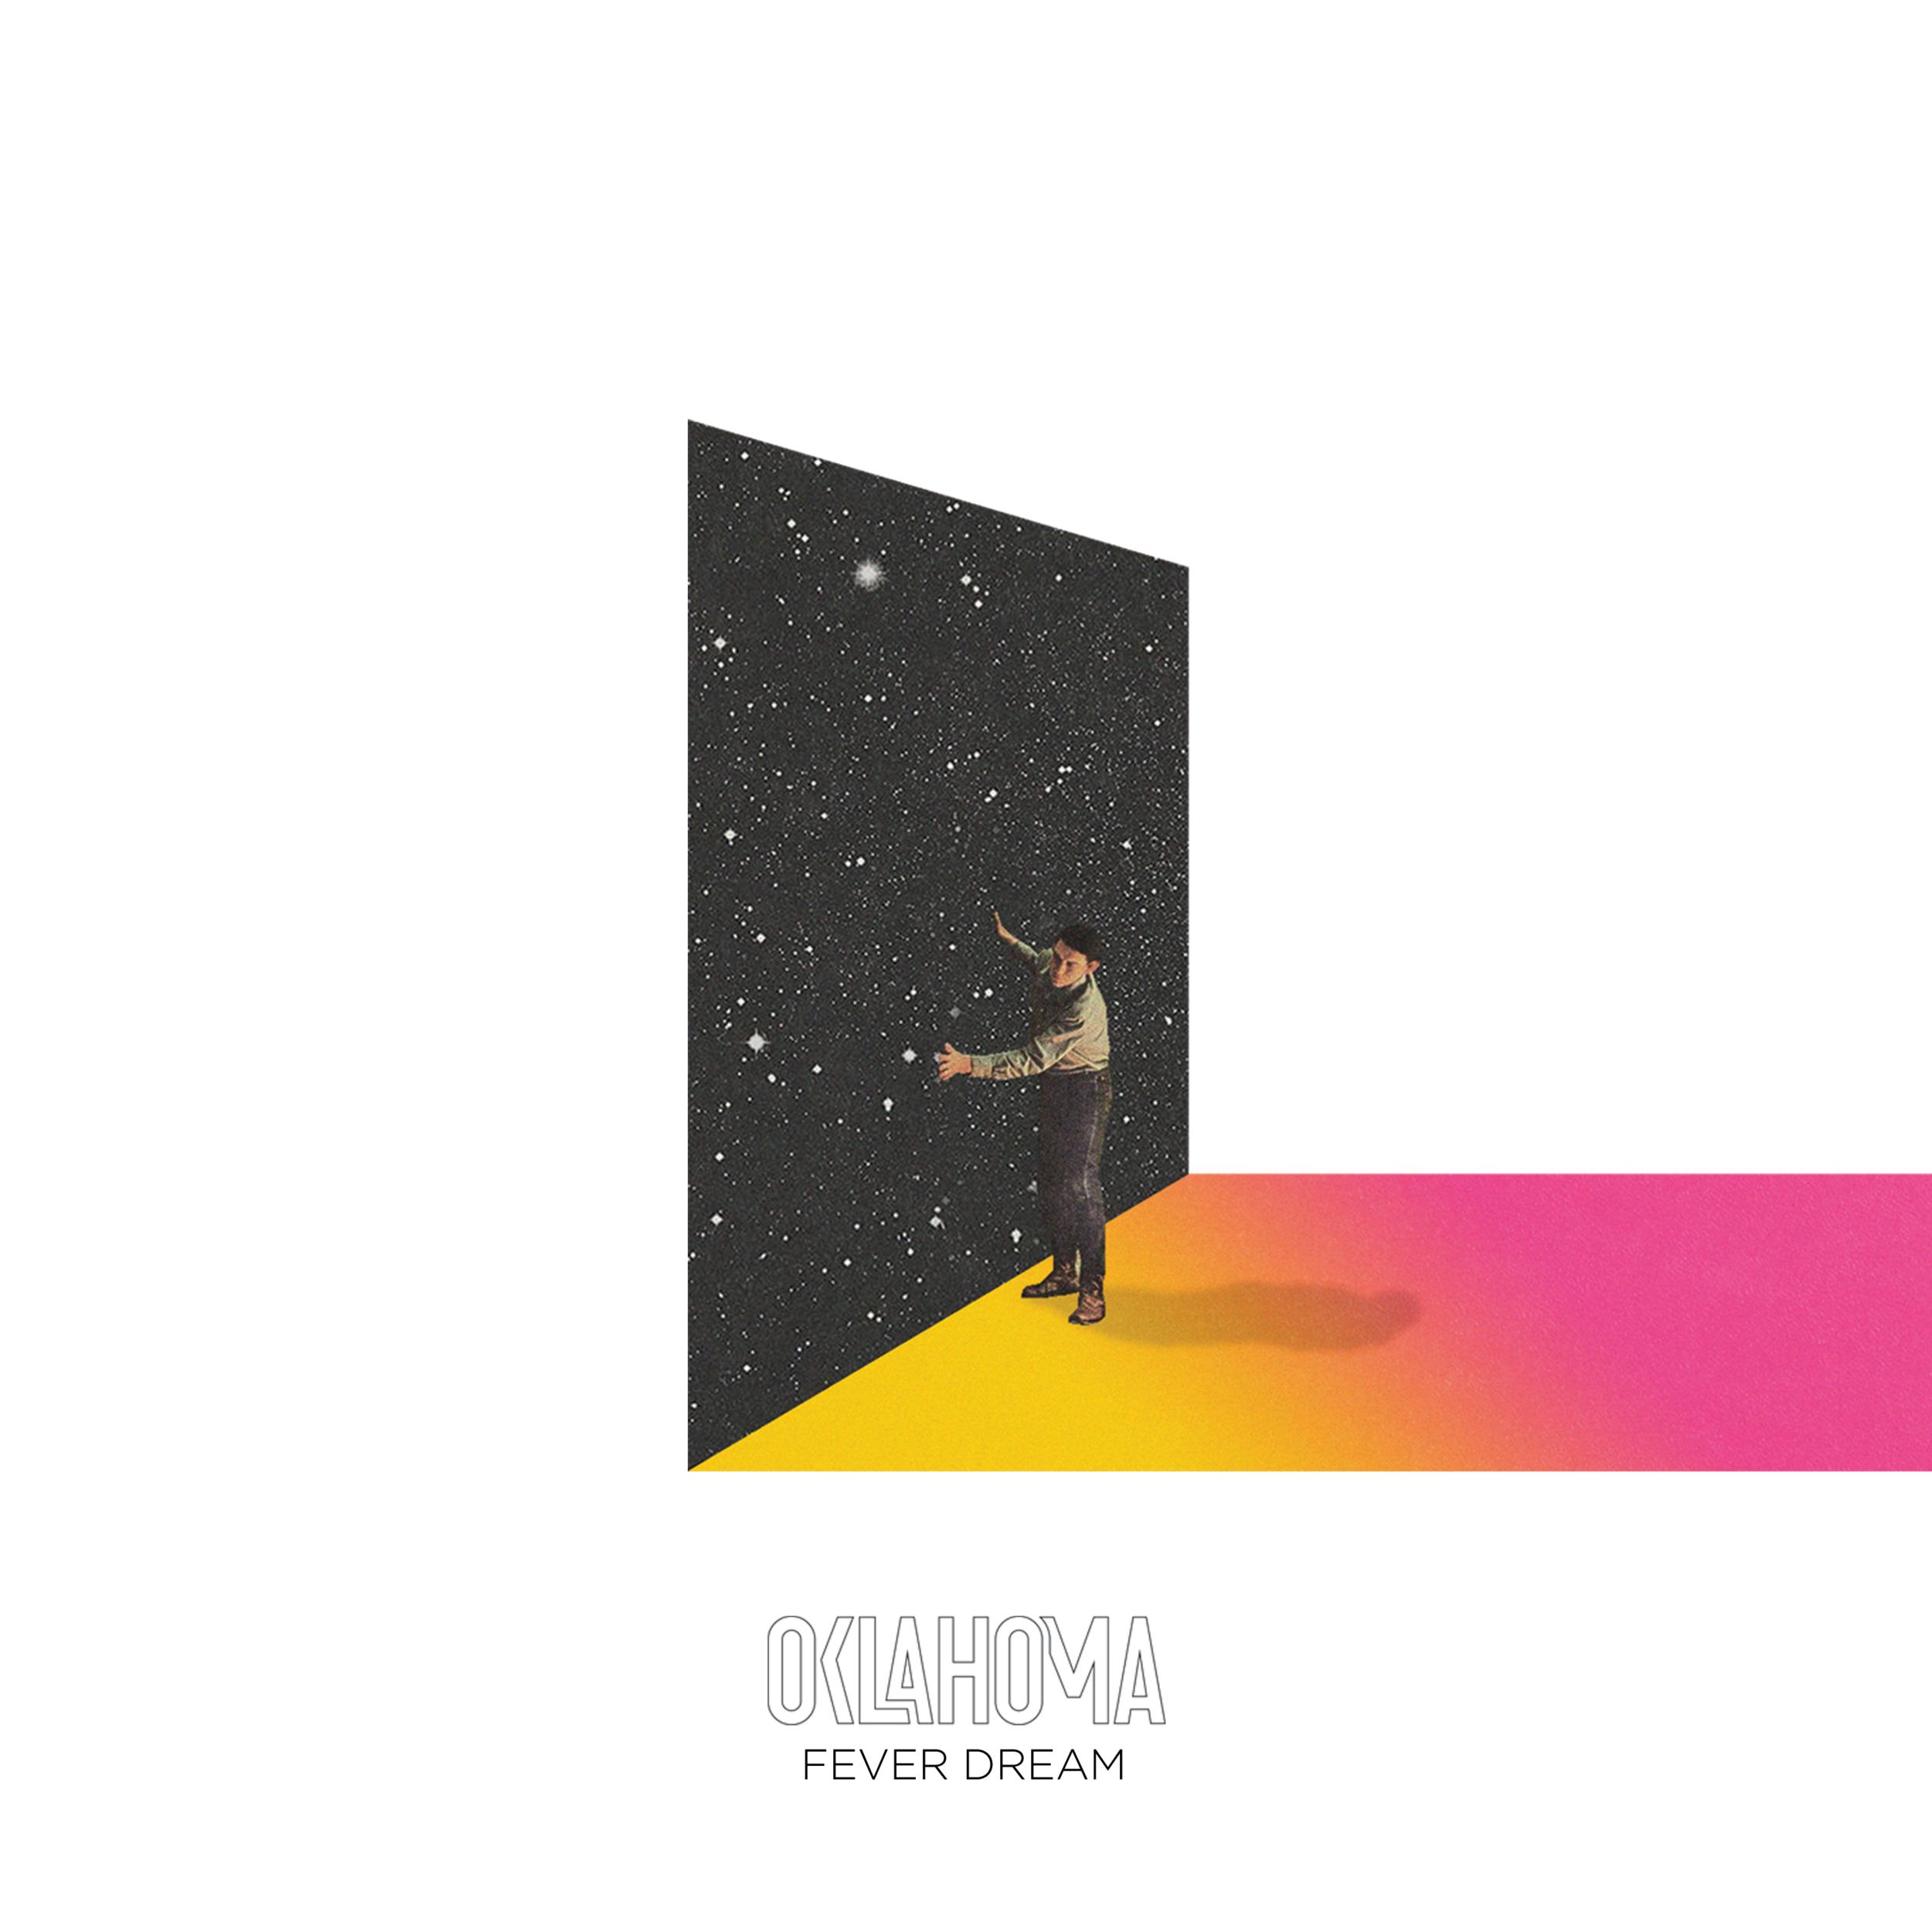 Fever Dream artwork by Steven Duke.